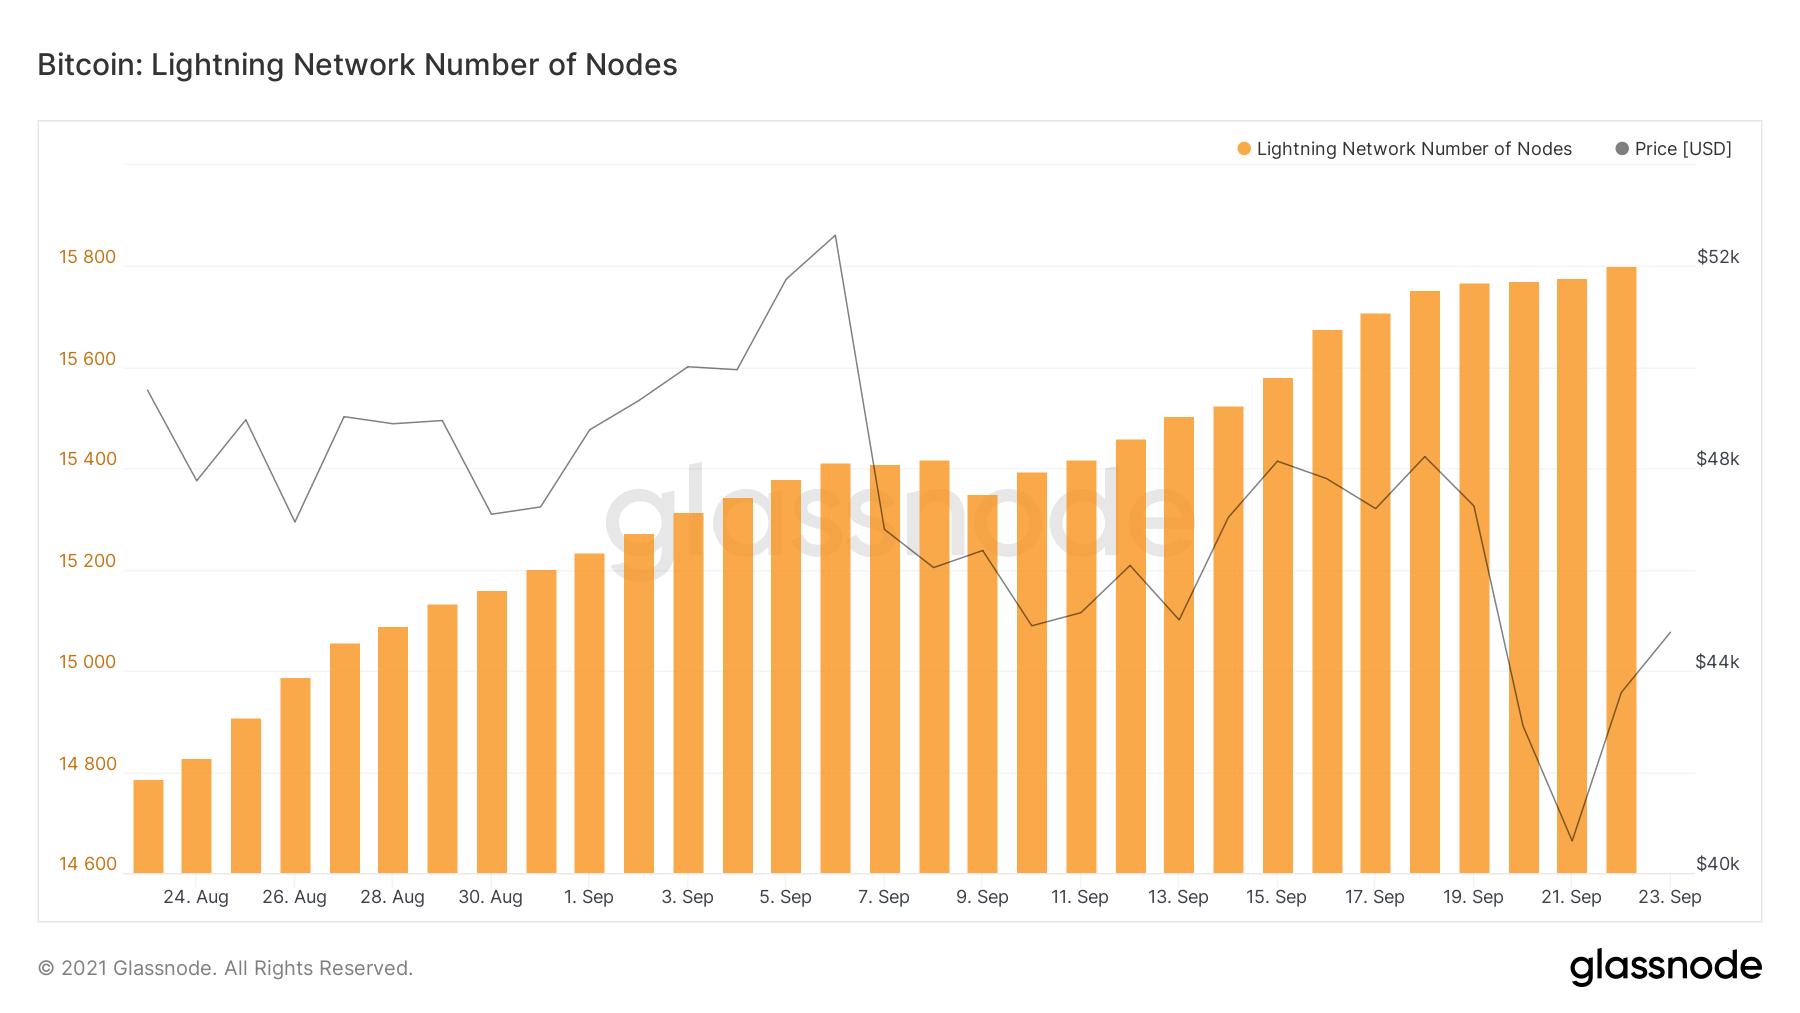 Liczba węzłów Lightning Network